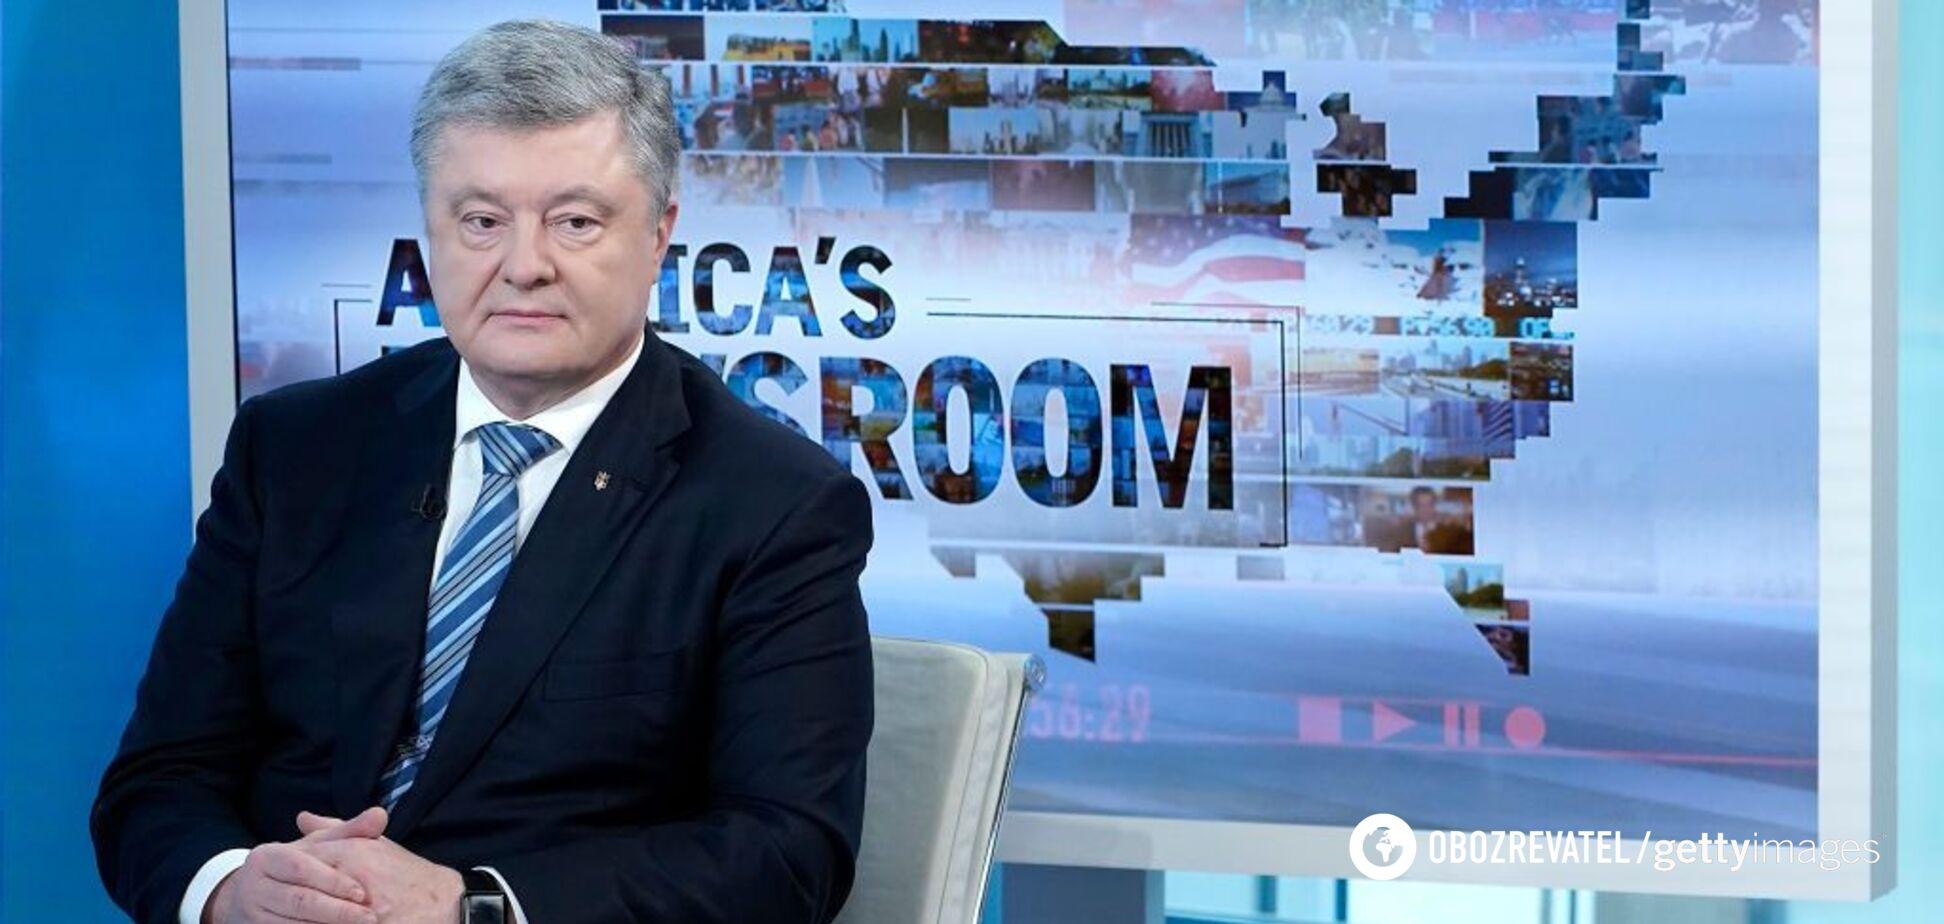 Порошенко вошел в историю Украины. Его имя будет в учебниках